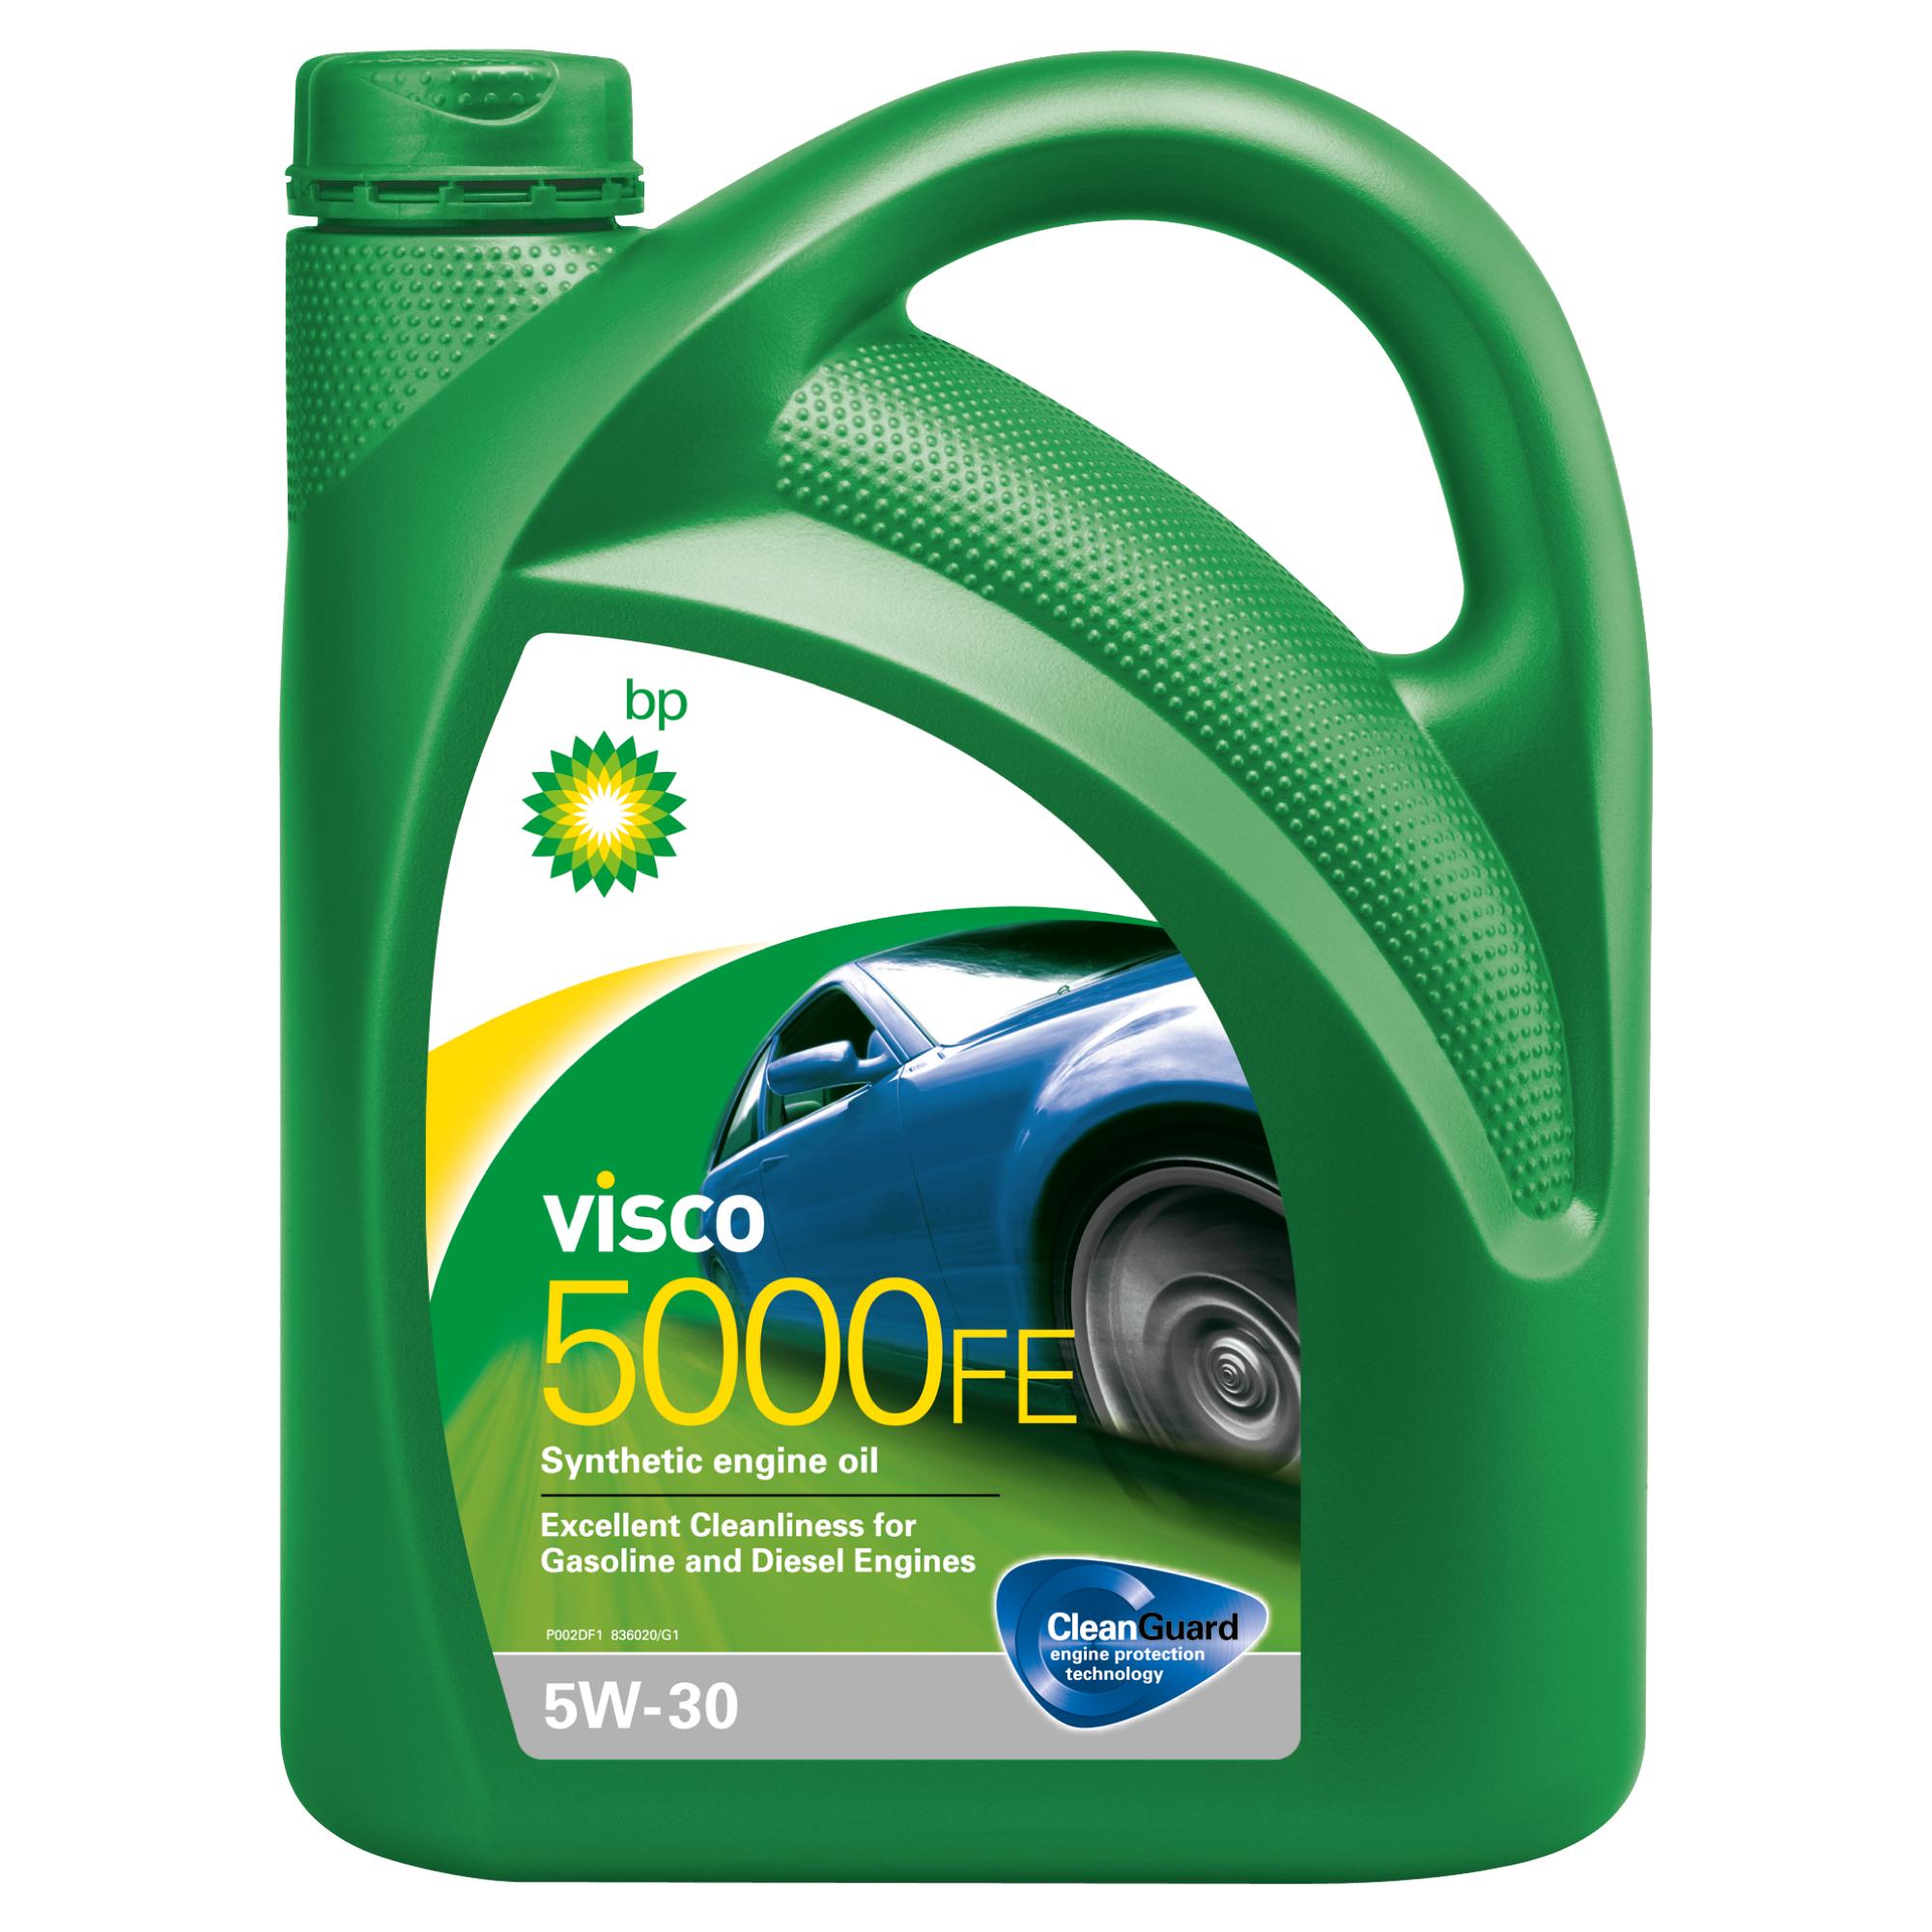 Visco-5000-FE-5W-30.png. BP P